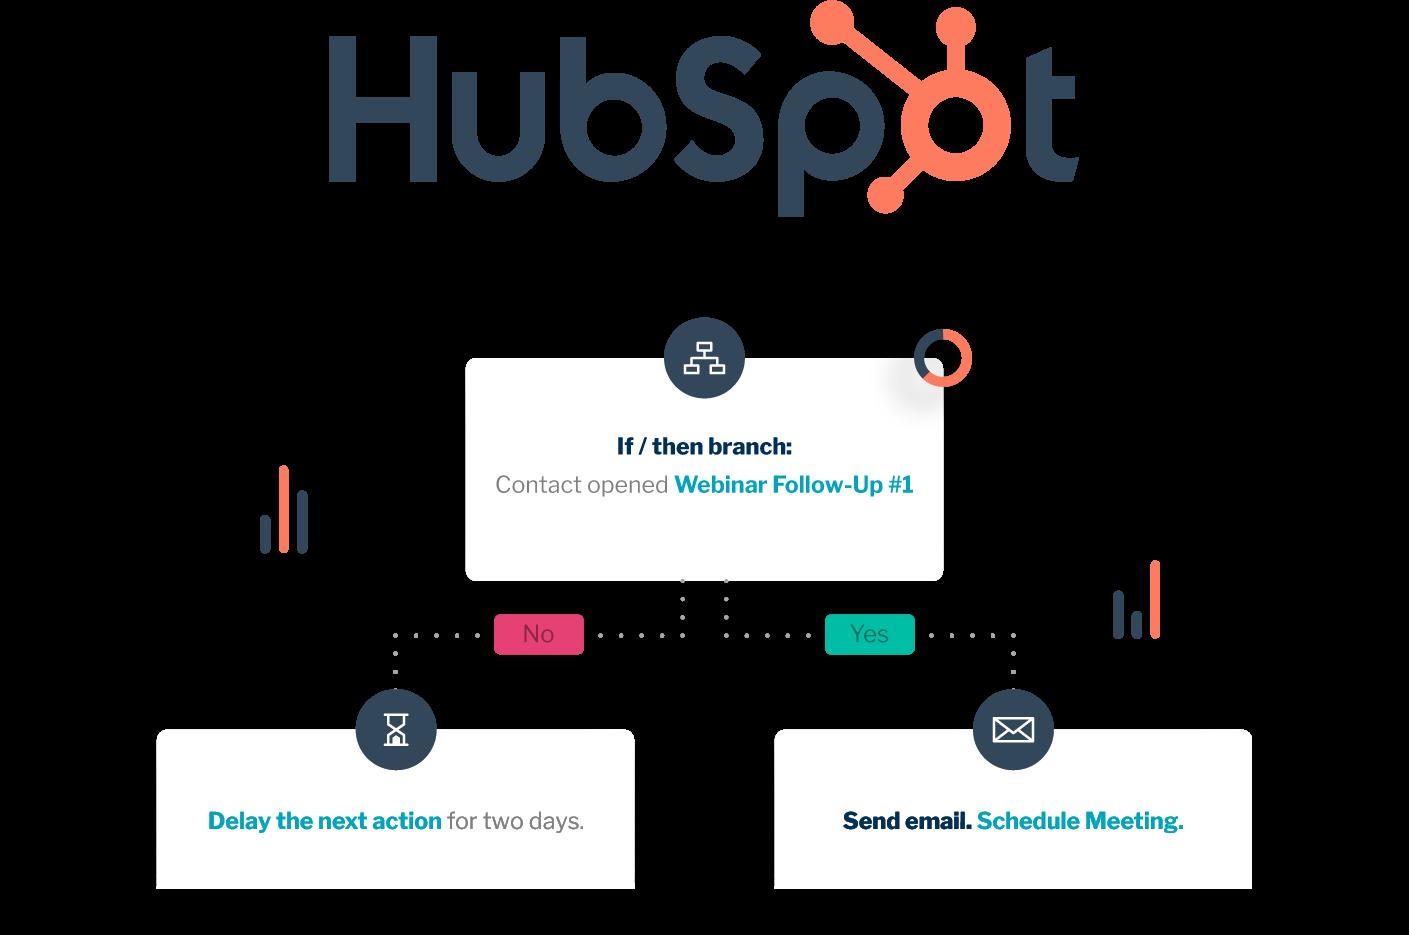 HubSpot Marketing Hub Partner